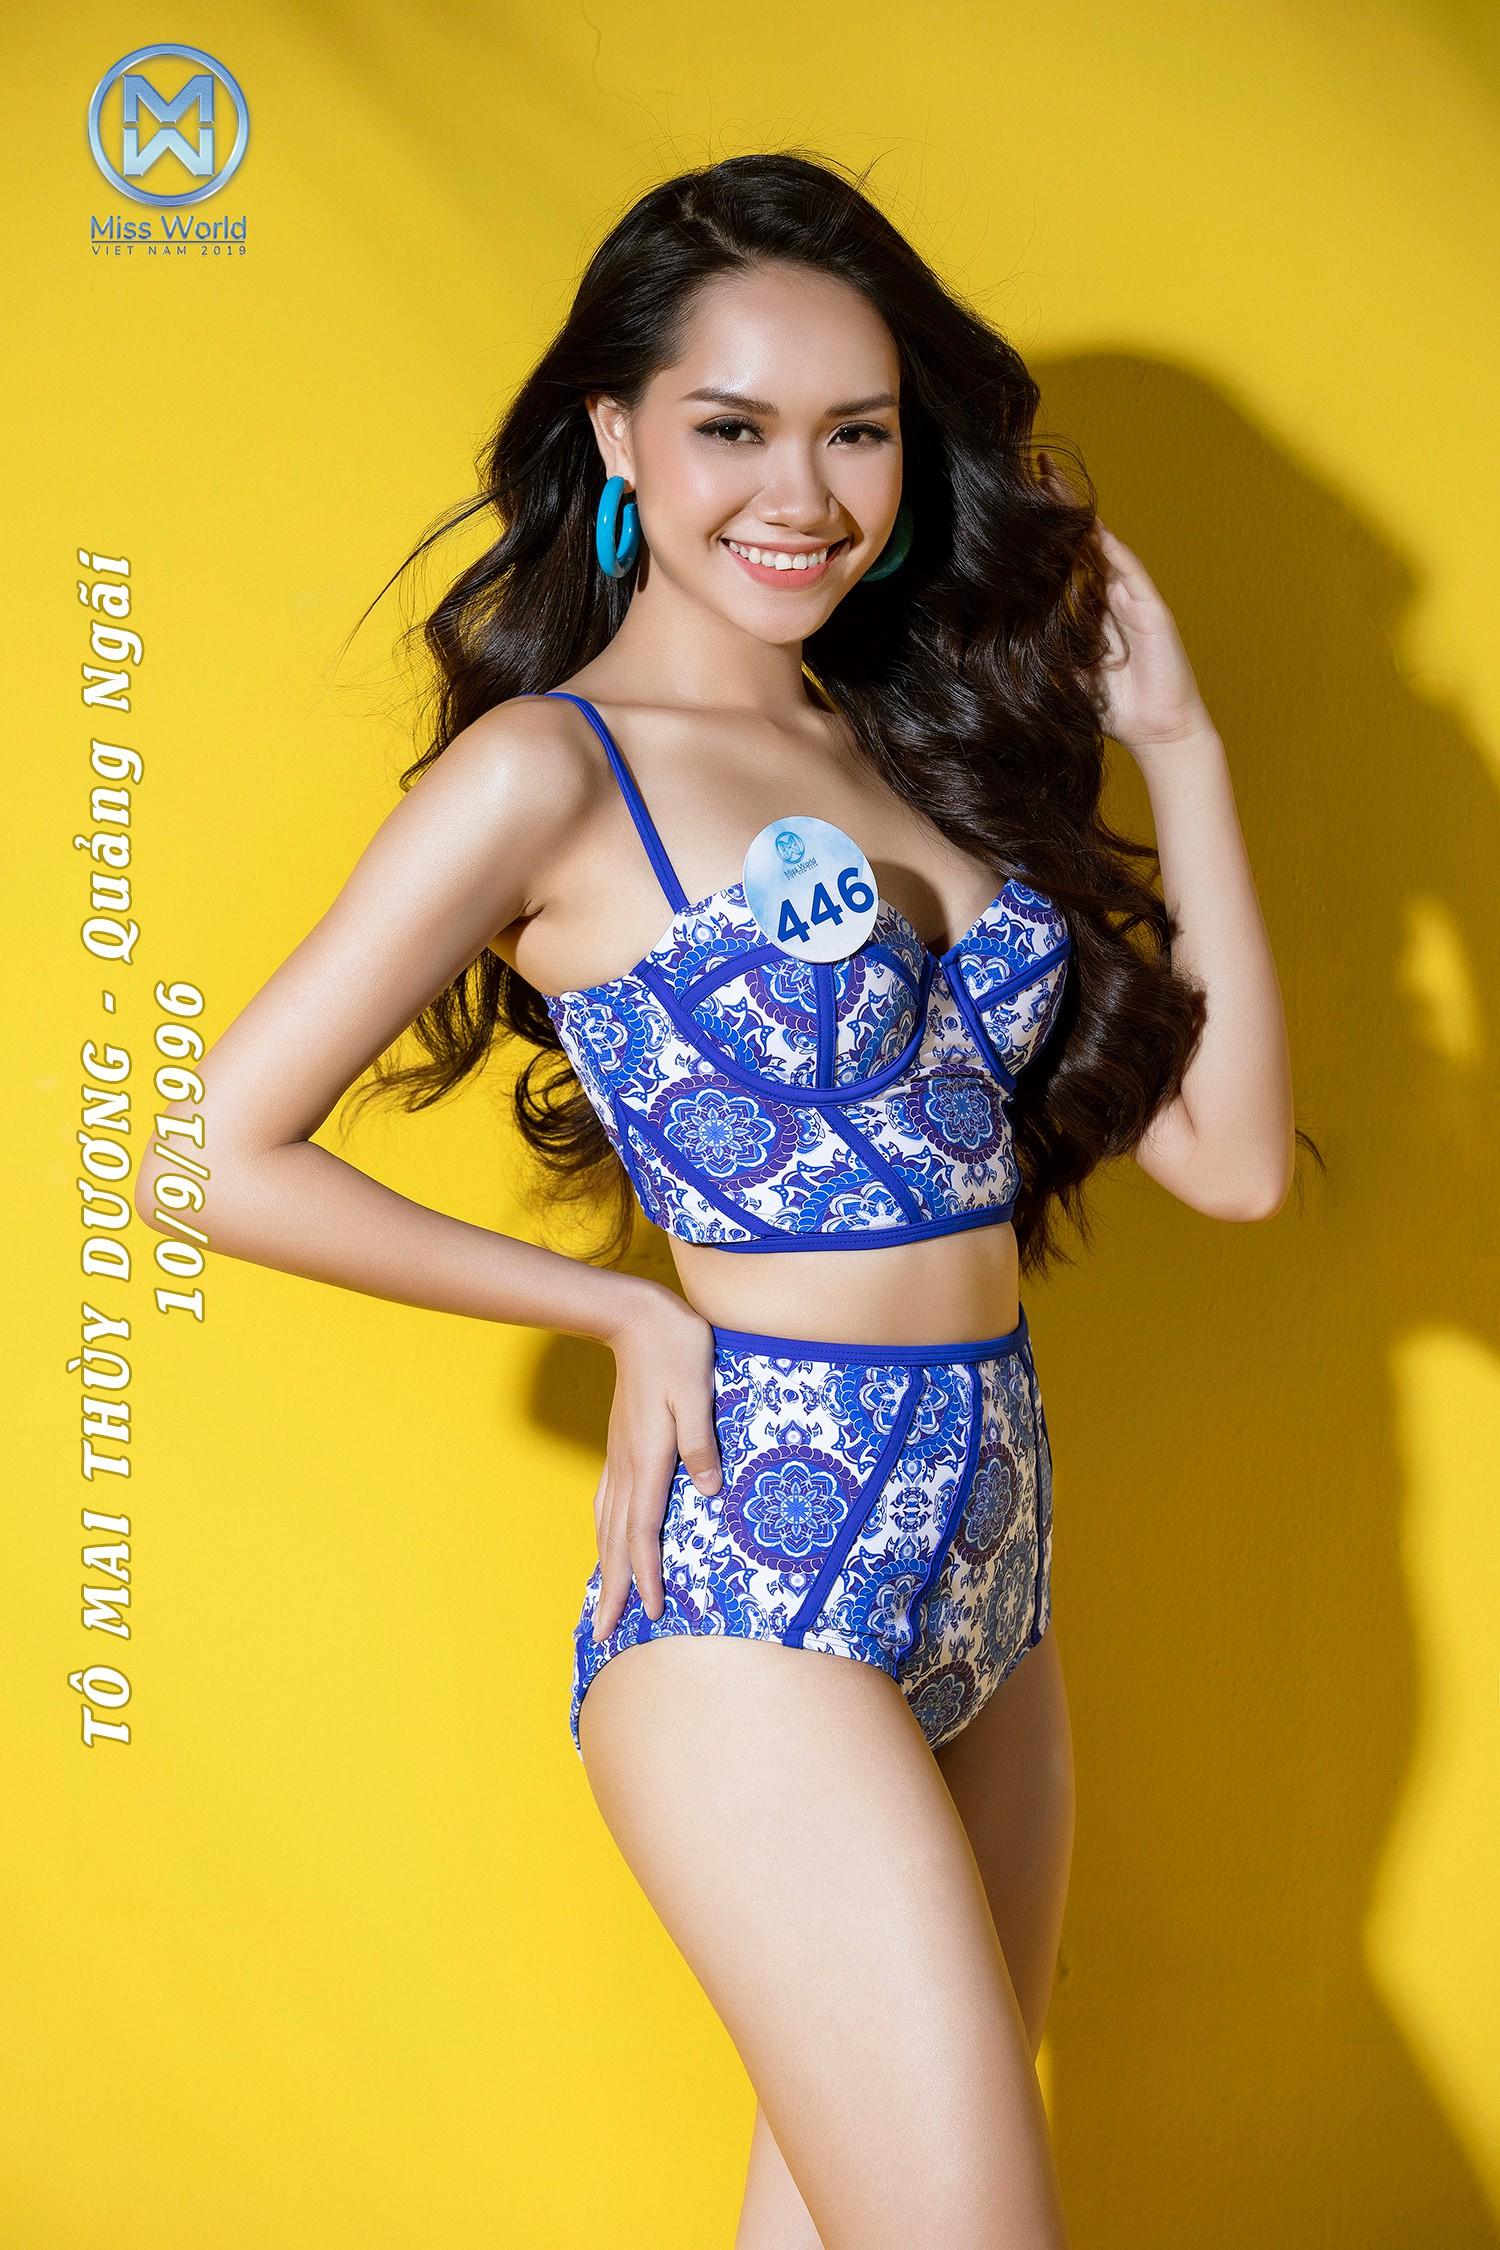 Thí Sinh Miss World Việt Nam nóng bỏng trong trang phục Bikini - Ảnh 19.